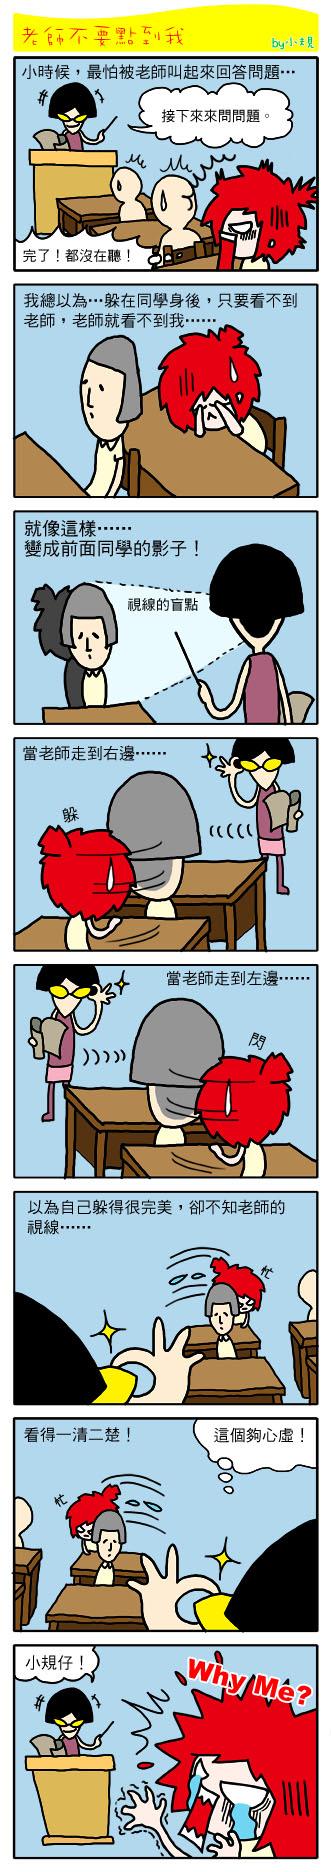 老師不要點到我